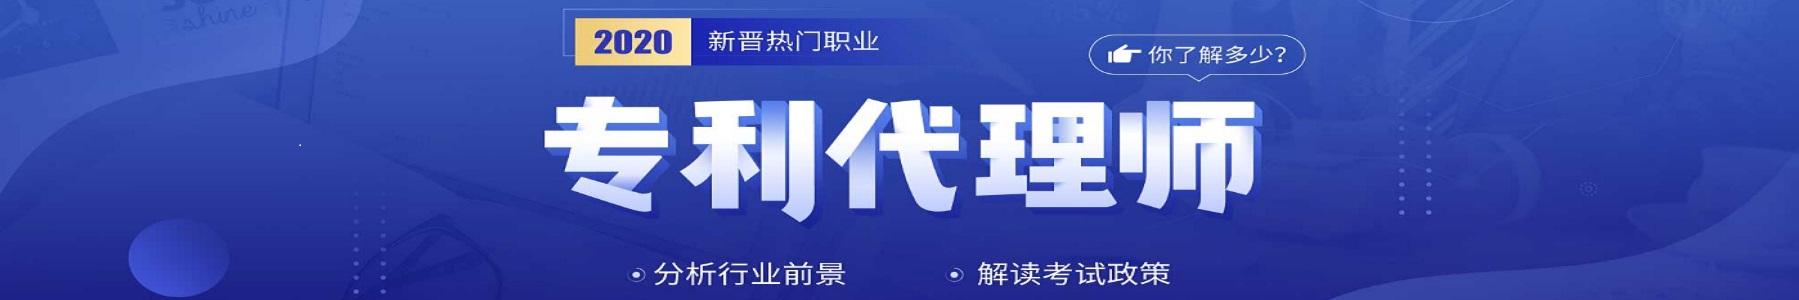 上海專利代理師培訓學校